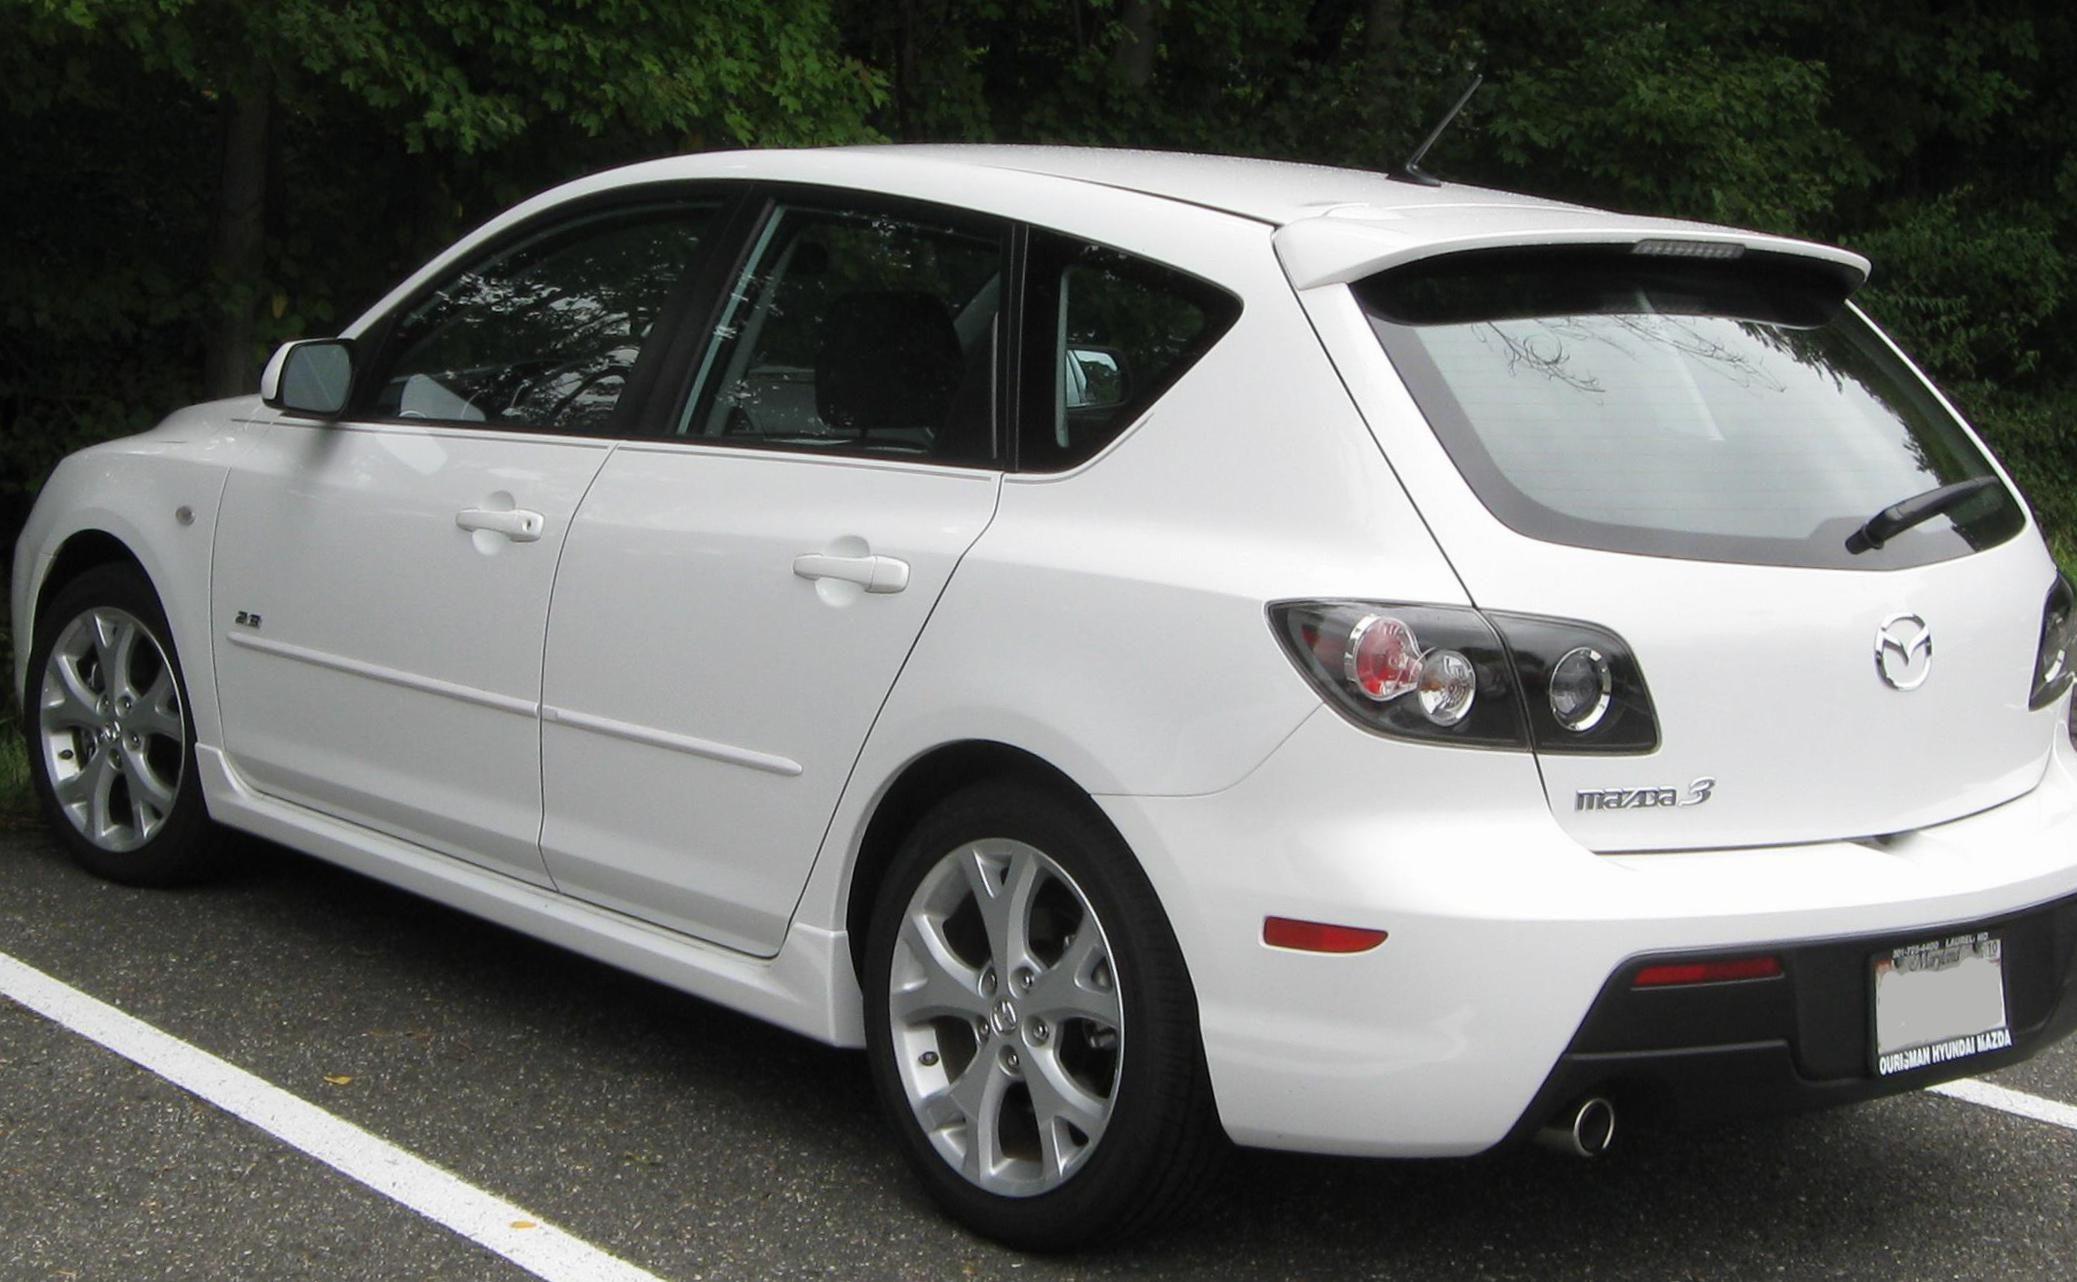 3 Hatchback Mazda Lease Http Autotras